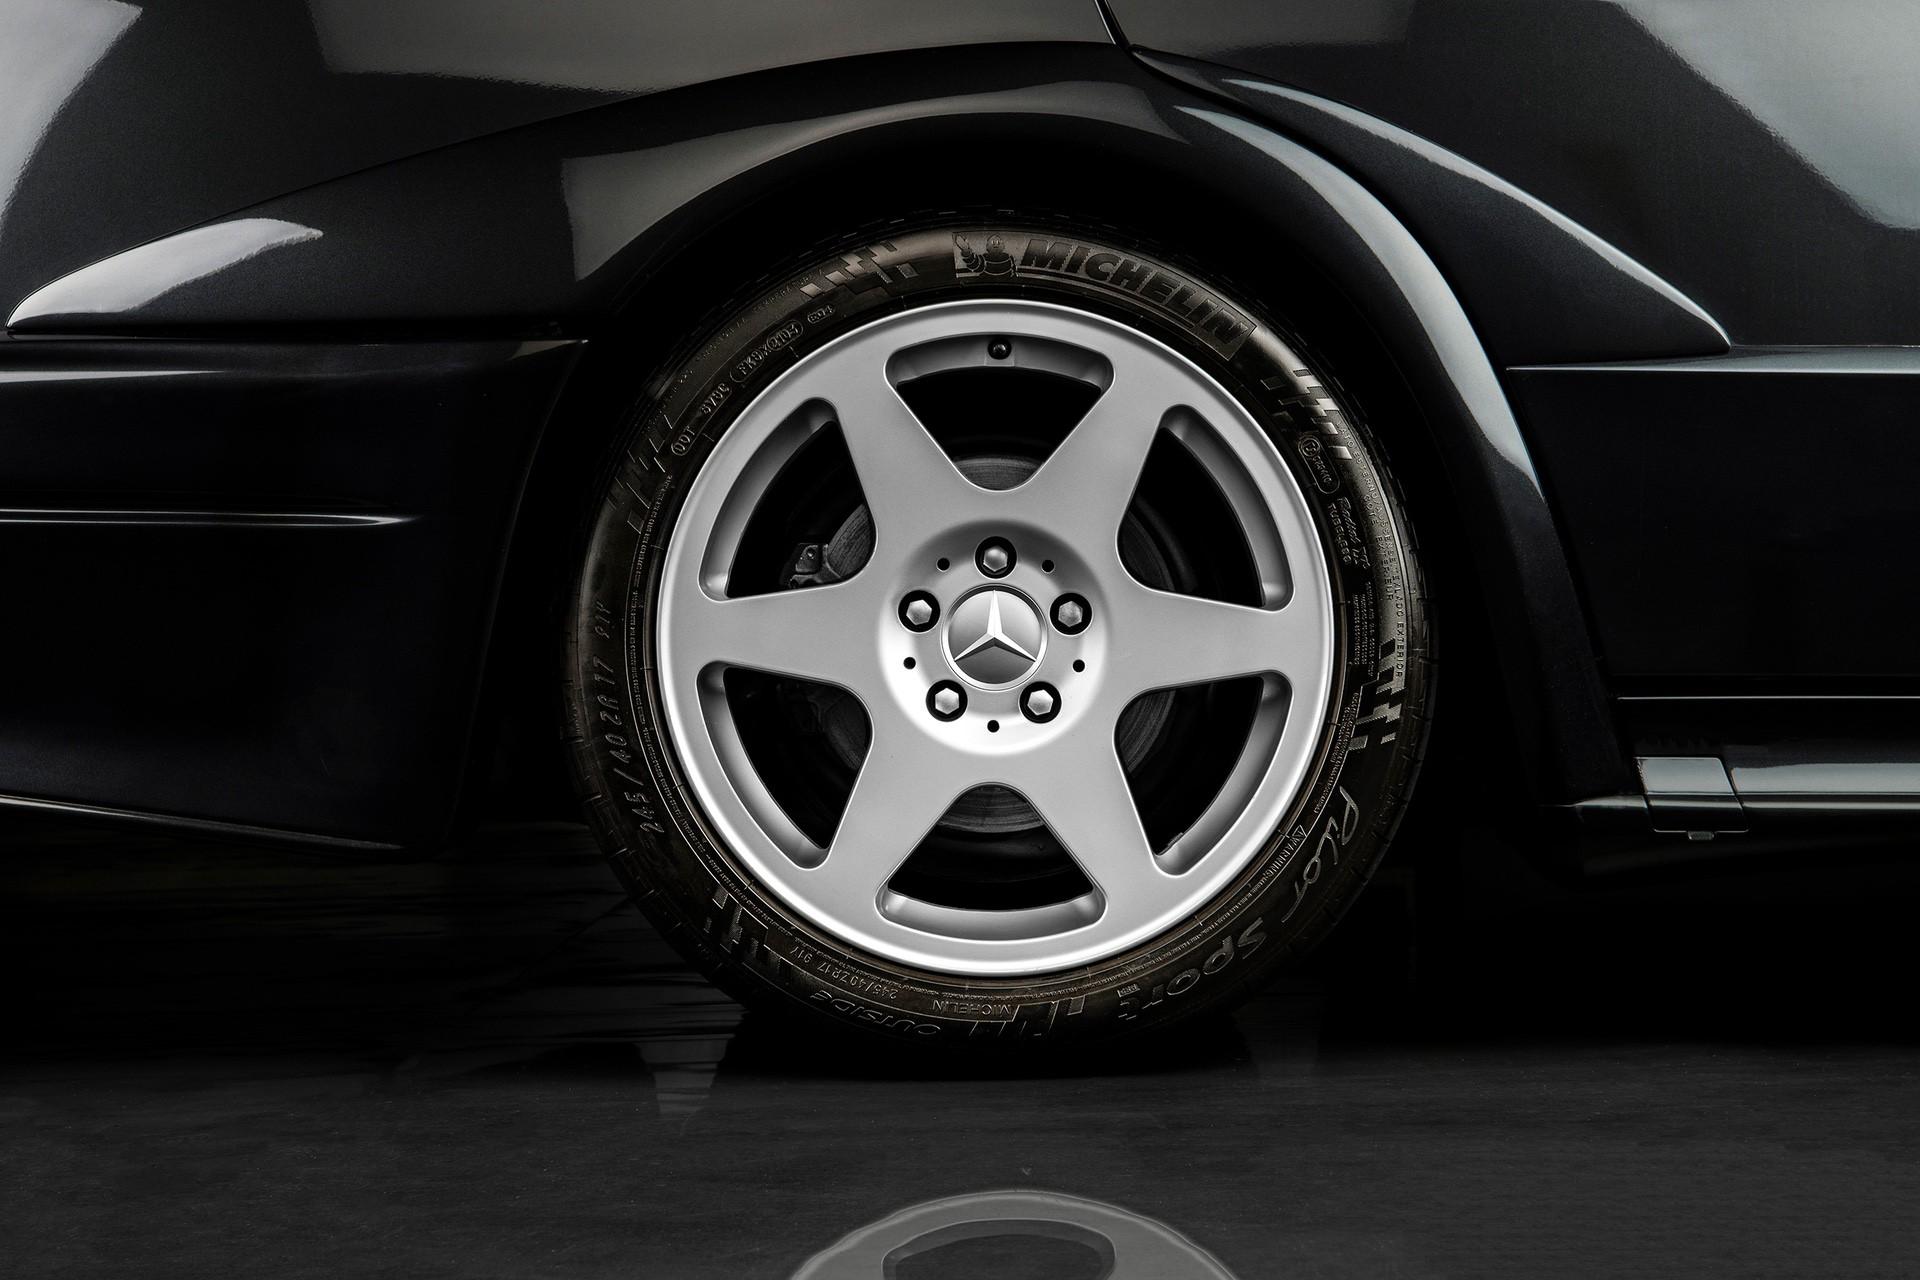 1990_Mercedes_Benz_190E_25-16_Evolution_II_sales_0019